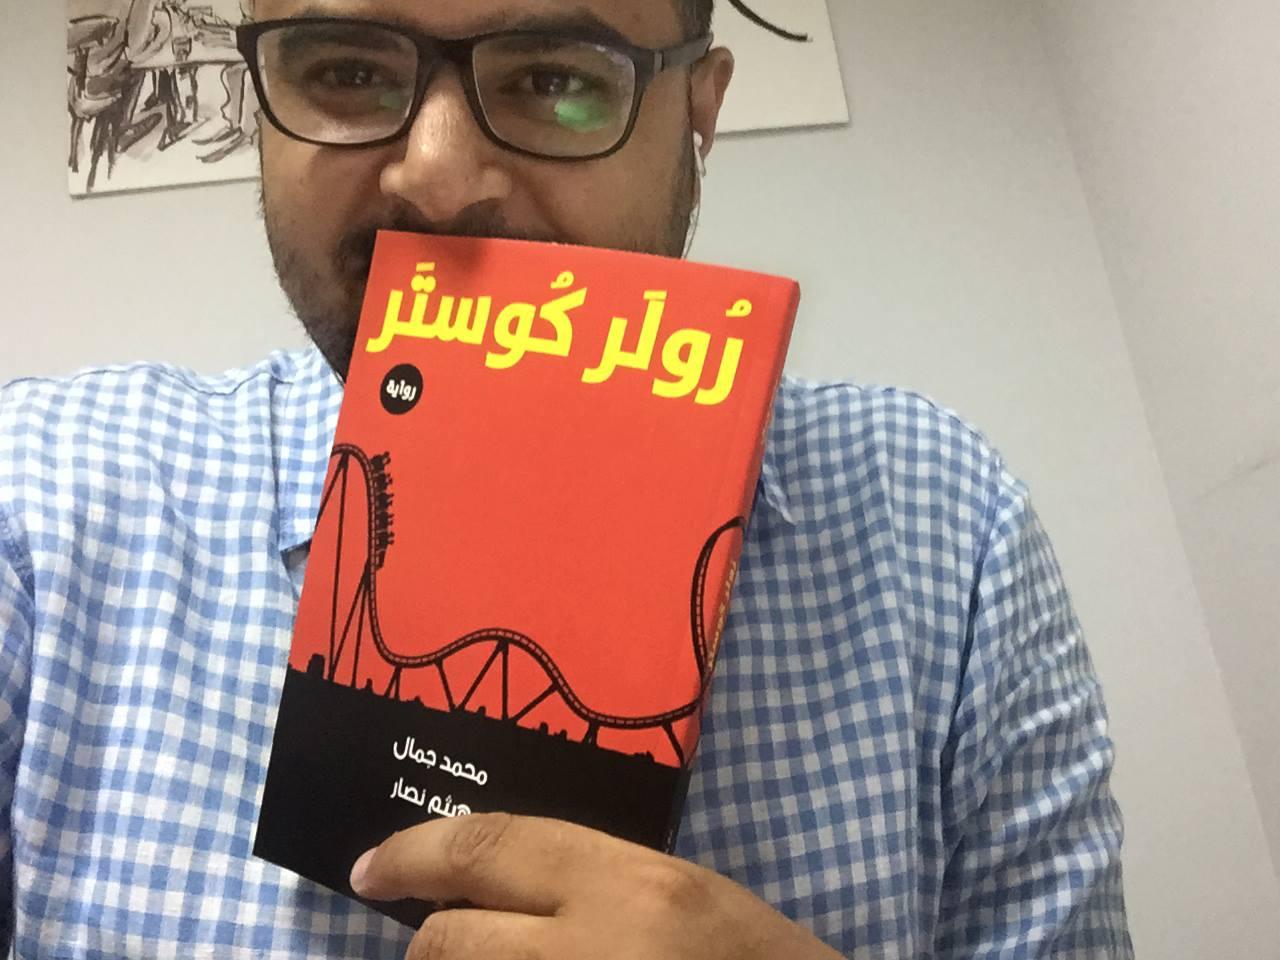 تجربه شاب مصري مع دور النشر في في زمن الانترنت